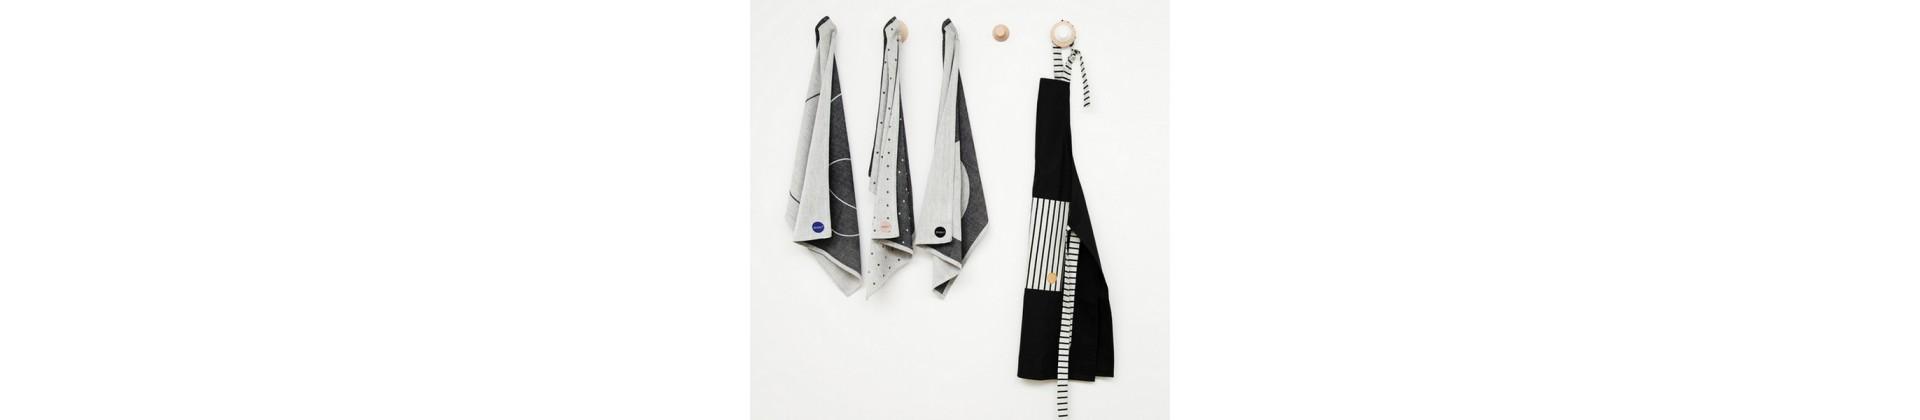 Linges de table : linge de table pur lin & linge de table tendance en ligne